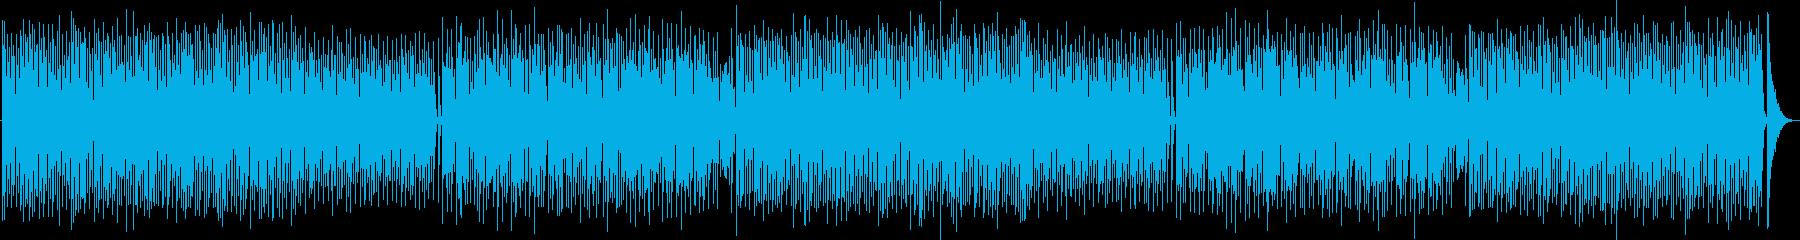 ポップで可愛いハウスミュージックの再生済みの波形